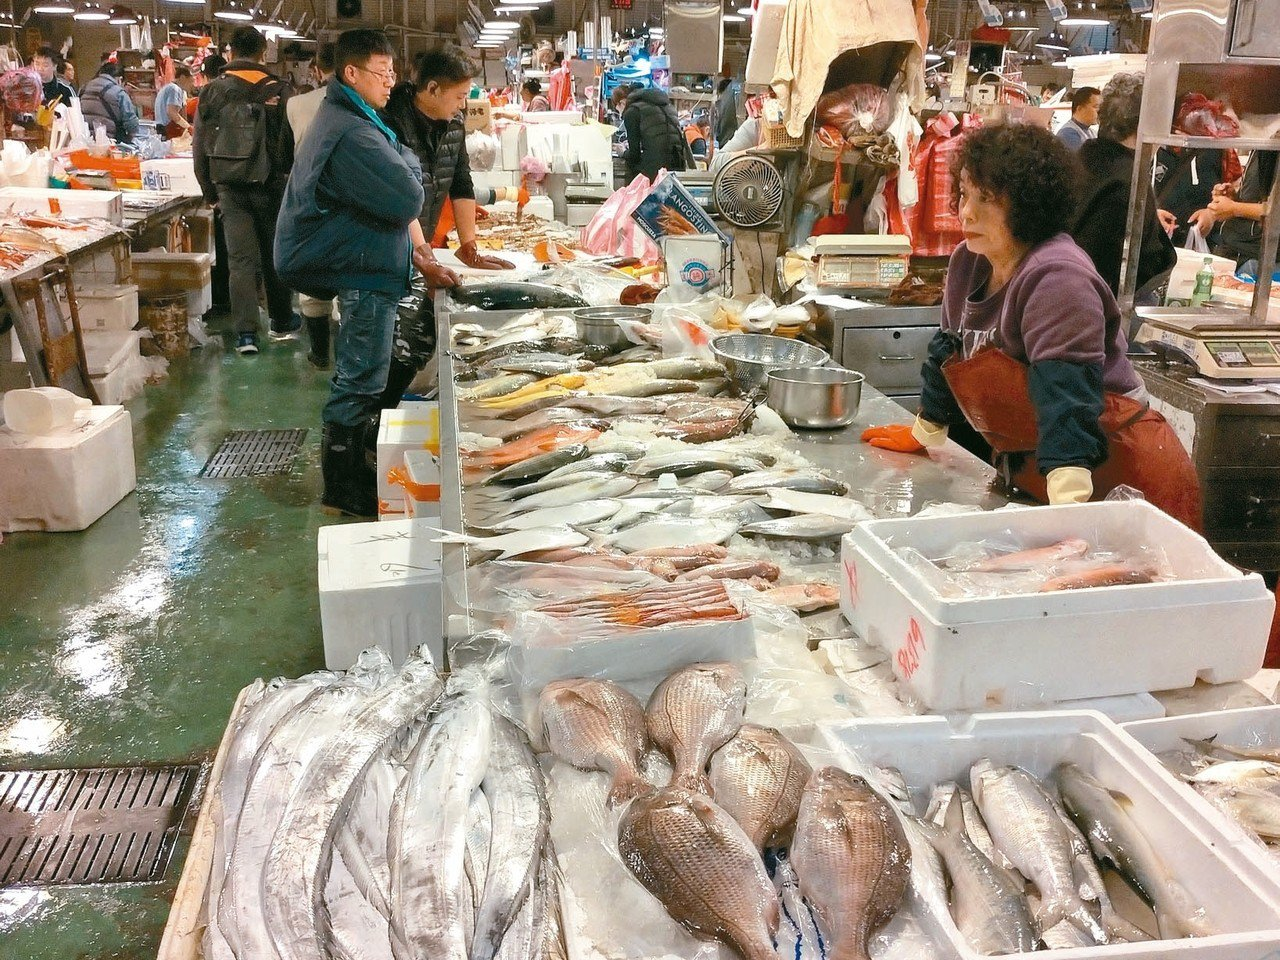 魚產品除白鯧漲價,養殖魚類價格平穩。 記者莊琇閔/攝影